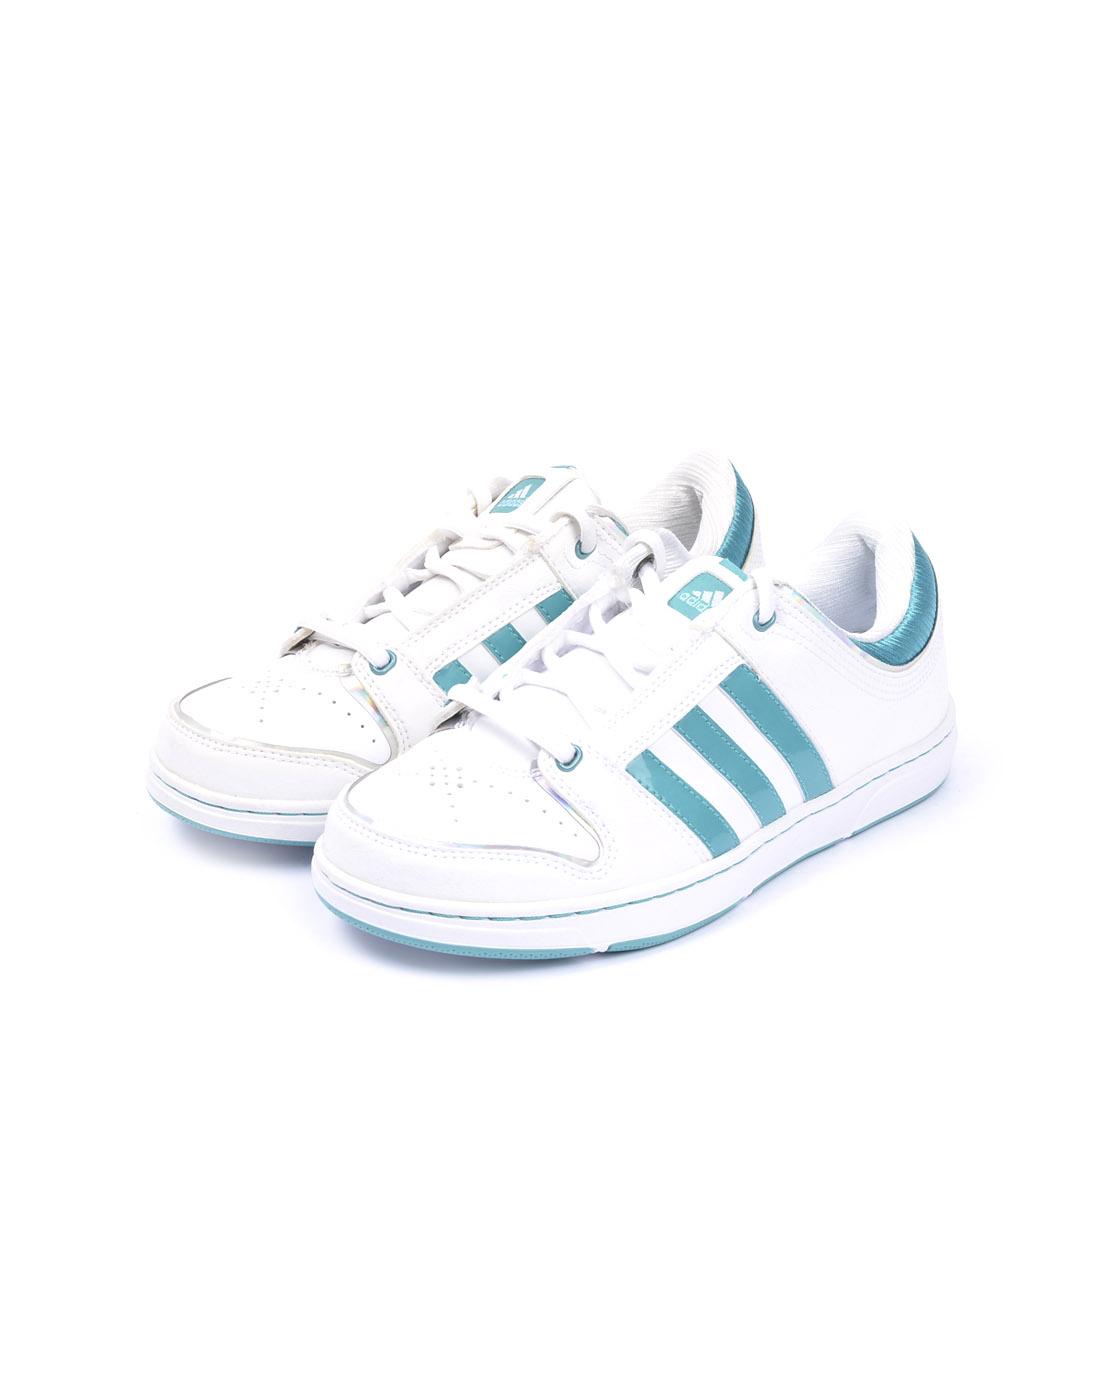 阿迪达斯adidas女子白色篮球鞋g23434